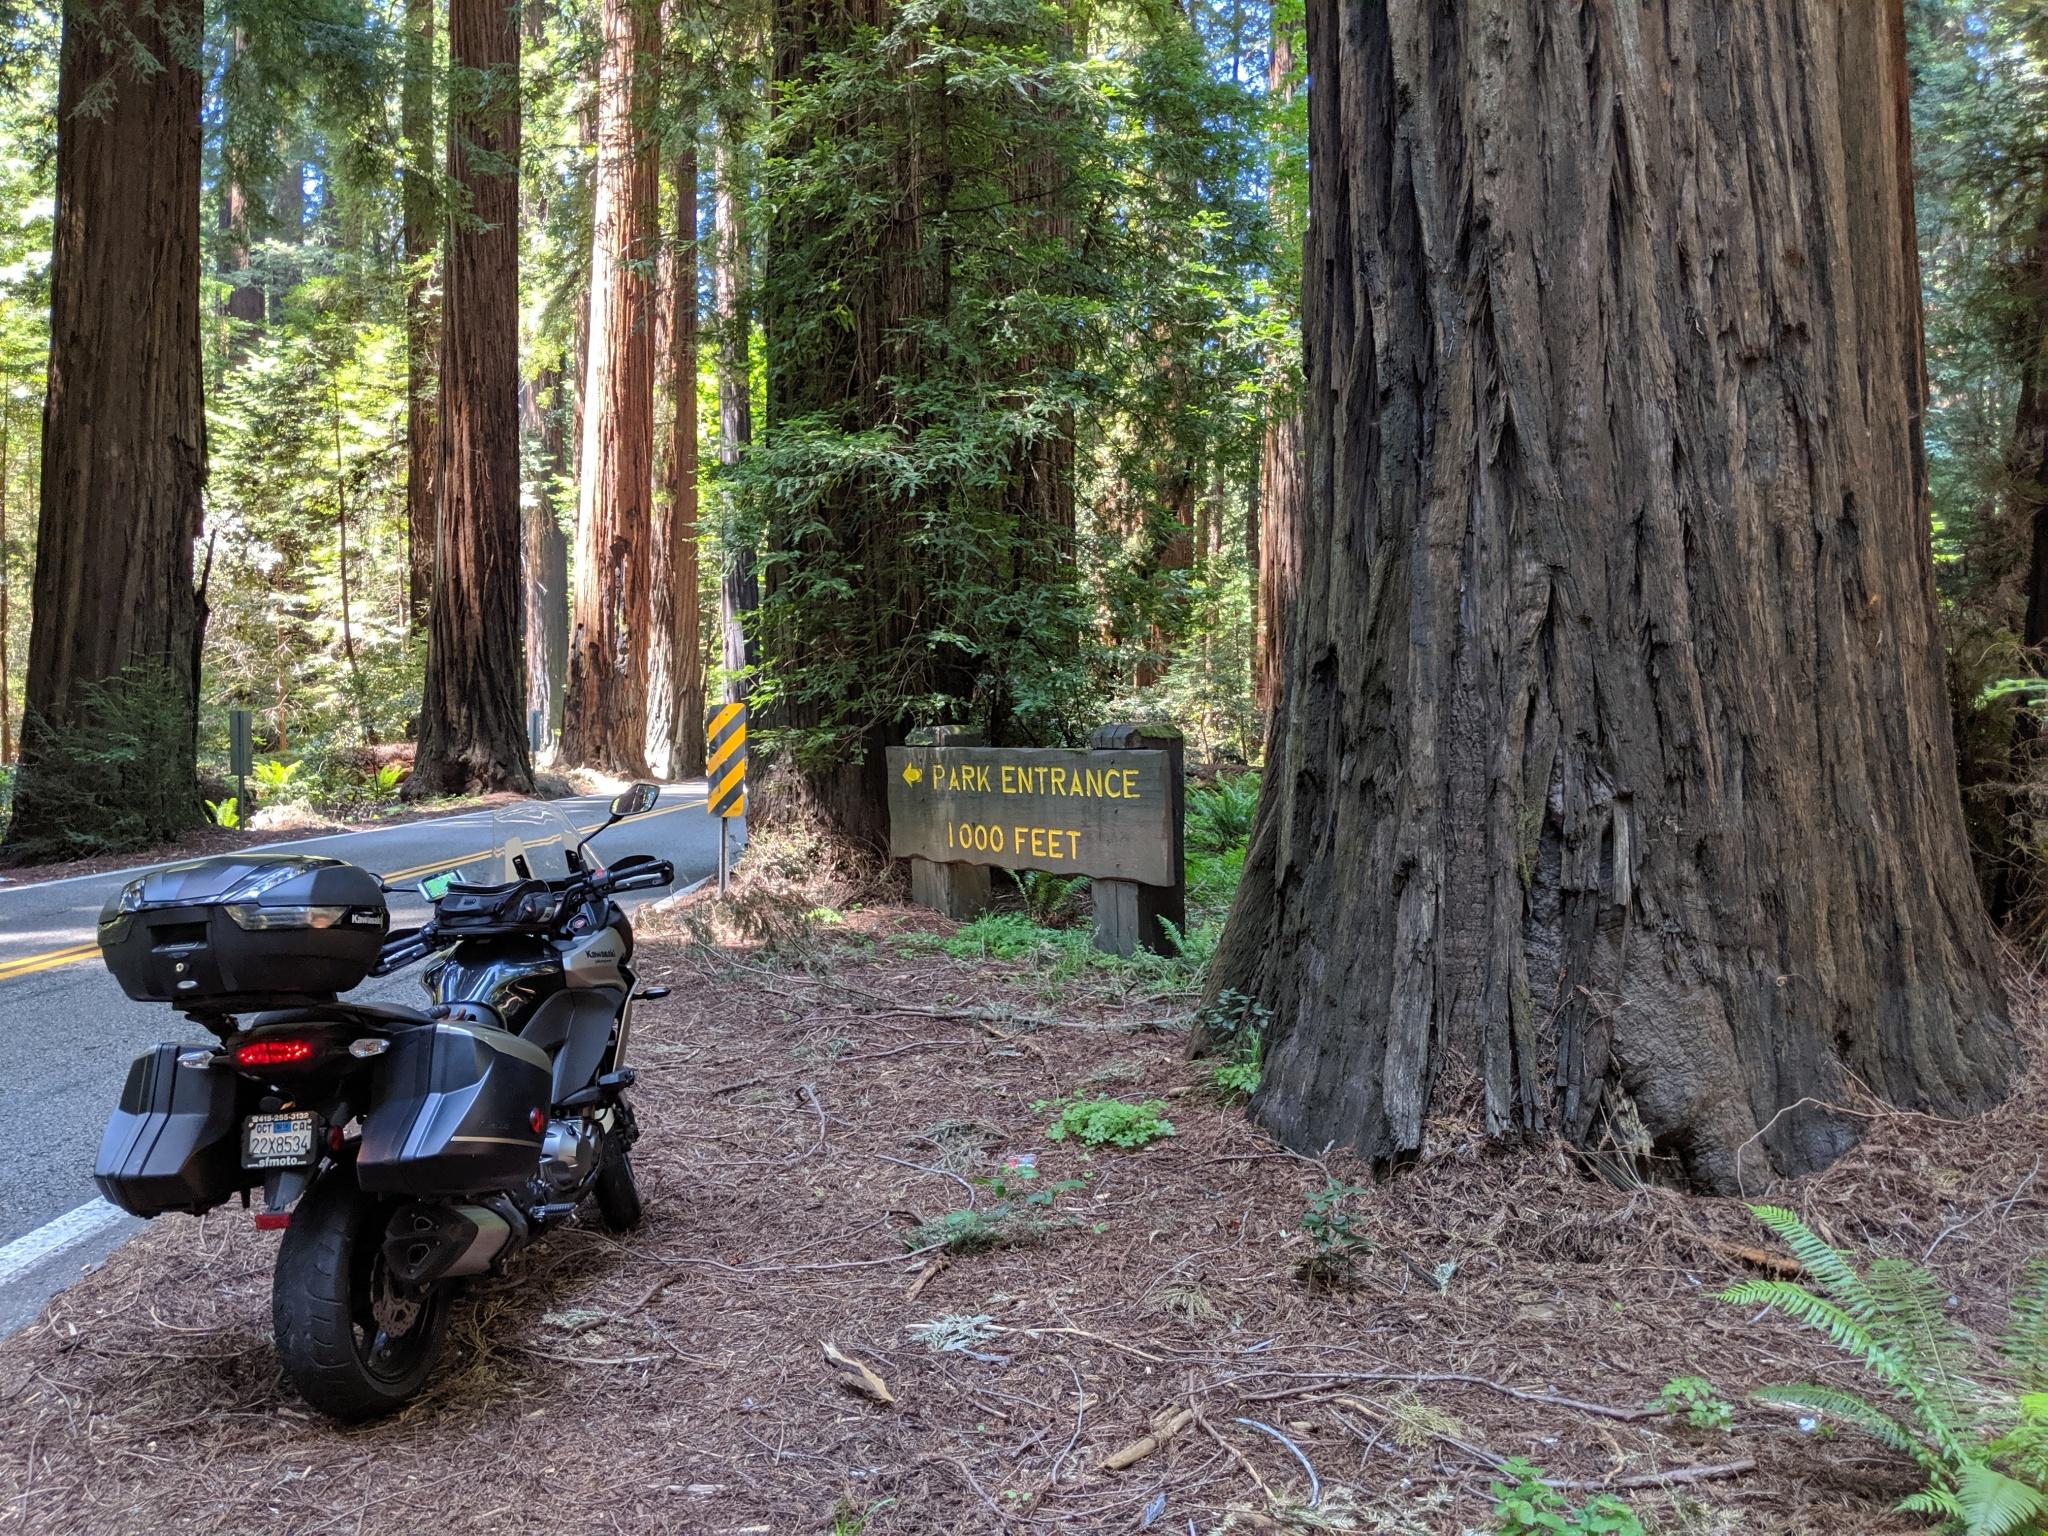 La Kawasaki Versys tra le altissime sequoie del Richardson Grove State Park a Garberville, CA